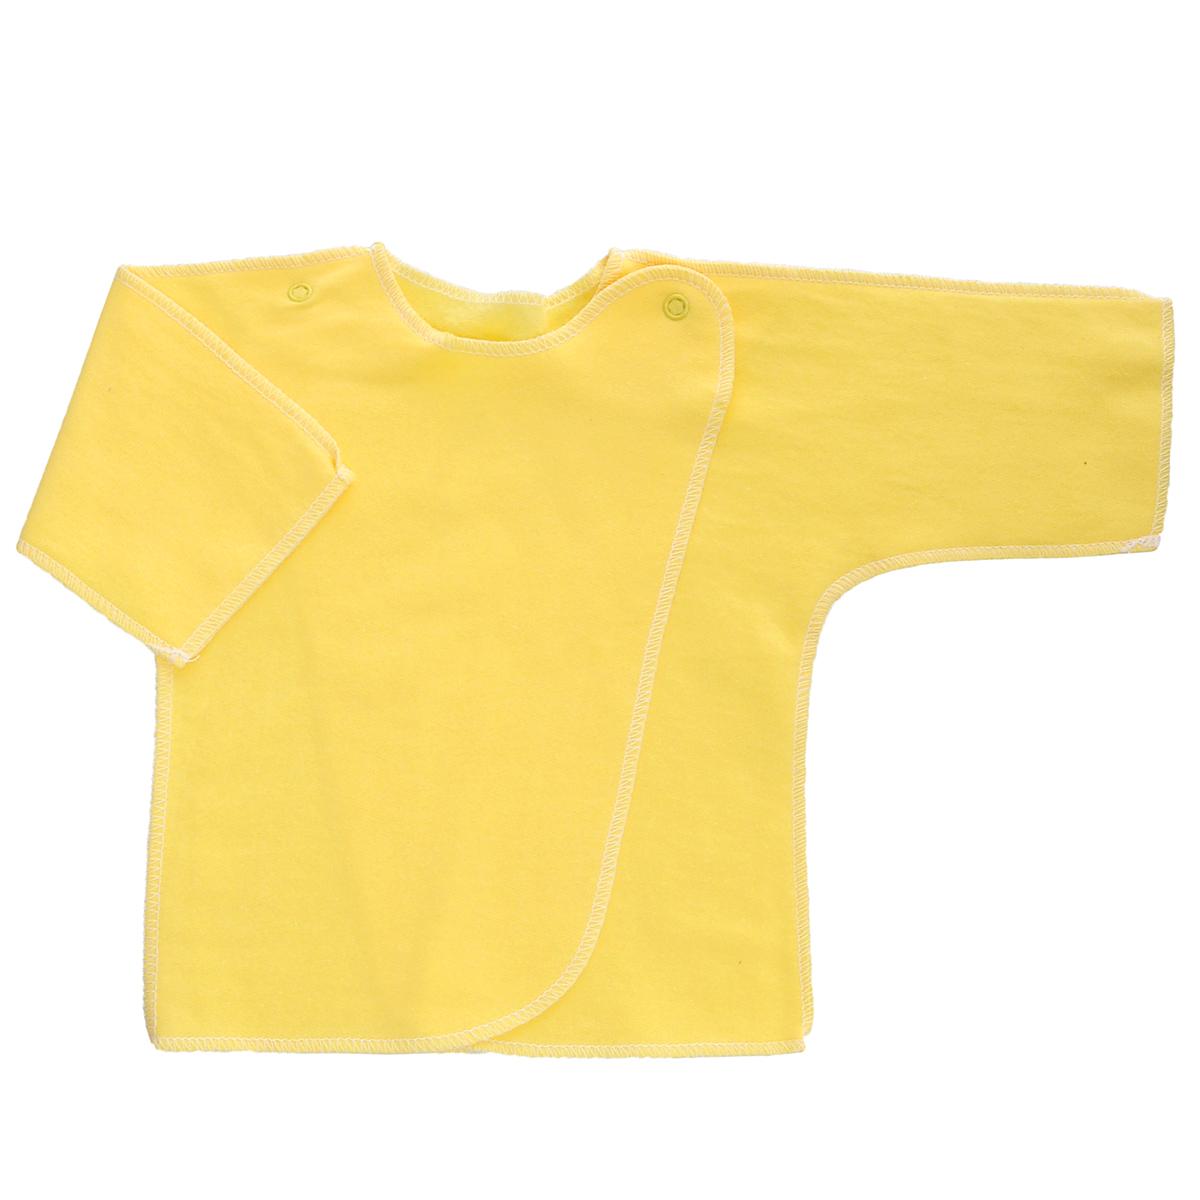 Распашонка Трон-Плюс, цвет: желтый. 5022. Размер 50, 0-1 месяц5022Распашонка Трон-плюс послужит идеальным дополнением к гардеробу младенца. Распашонка с рукавами-кимоно, выполненная швами наружу, изготовлена из футера - натурального хлопка, благодаря чему она необычайно мягкая и легкая, не раздражает нежную кожу ребенка и хорошо вентилируется, а эластичные швы приятны телу малыша и не препятствуют его движениям. Распашонка с запахом, застегивается при помощи двух кнопок на плечах, которые позволяют без труда переодеть ребенка. Распашонка полностью соответствует особенностям жизни ребенка в ранний период, не стесняя и не ограничивая его в движениях.